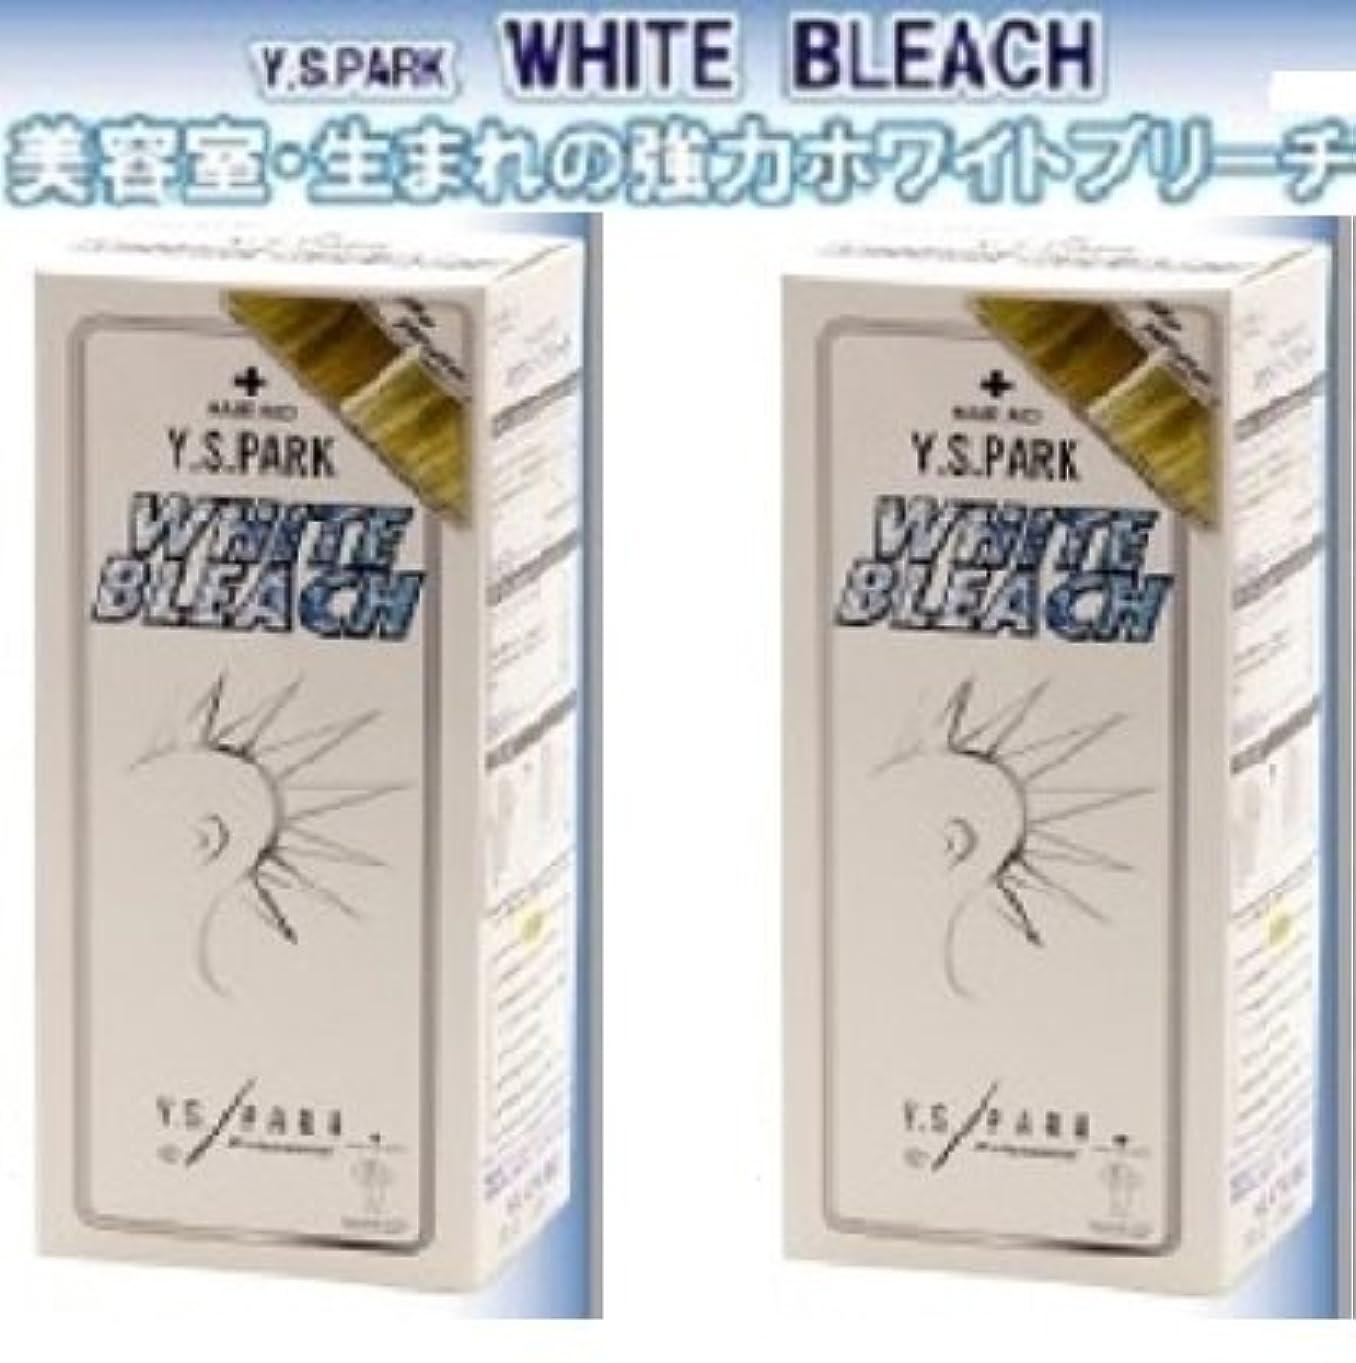 恥ずかしさ船上標高【YSPARK 】ホワイトブリーチ ×2個セット(お得な2個組)美容室生まれの強力ホワイトブリーチ